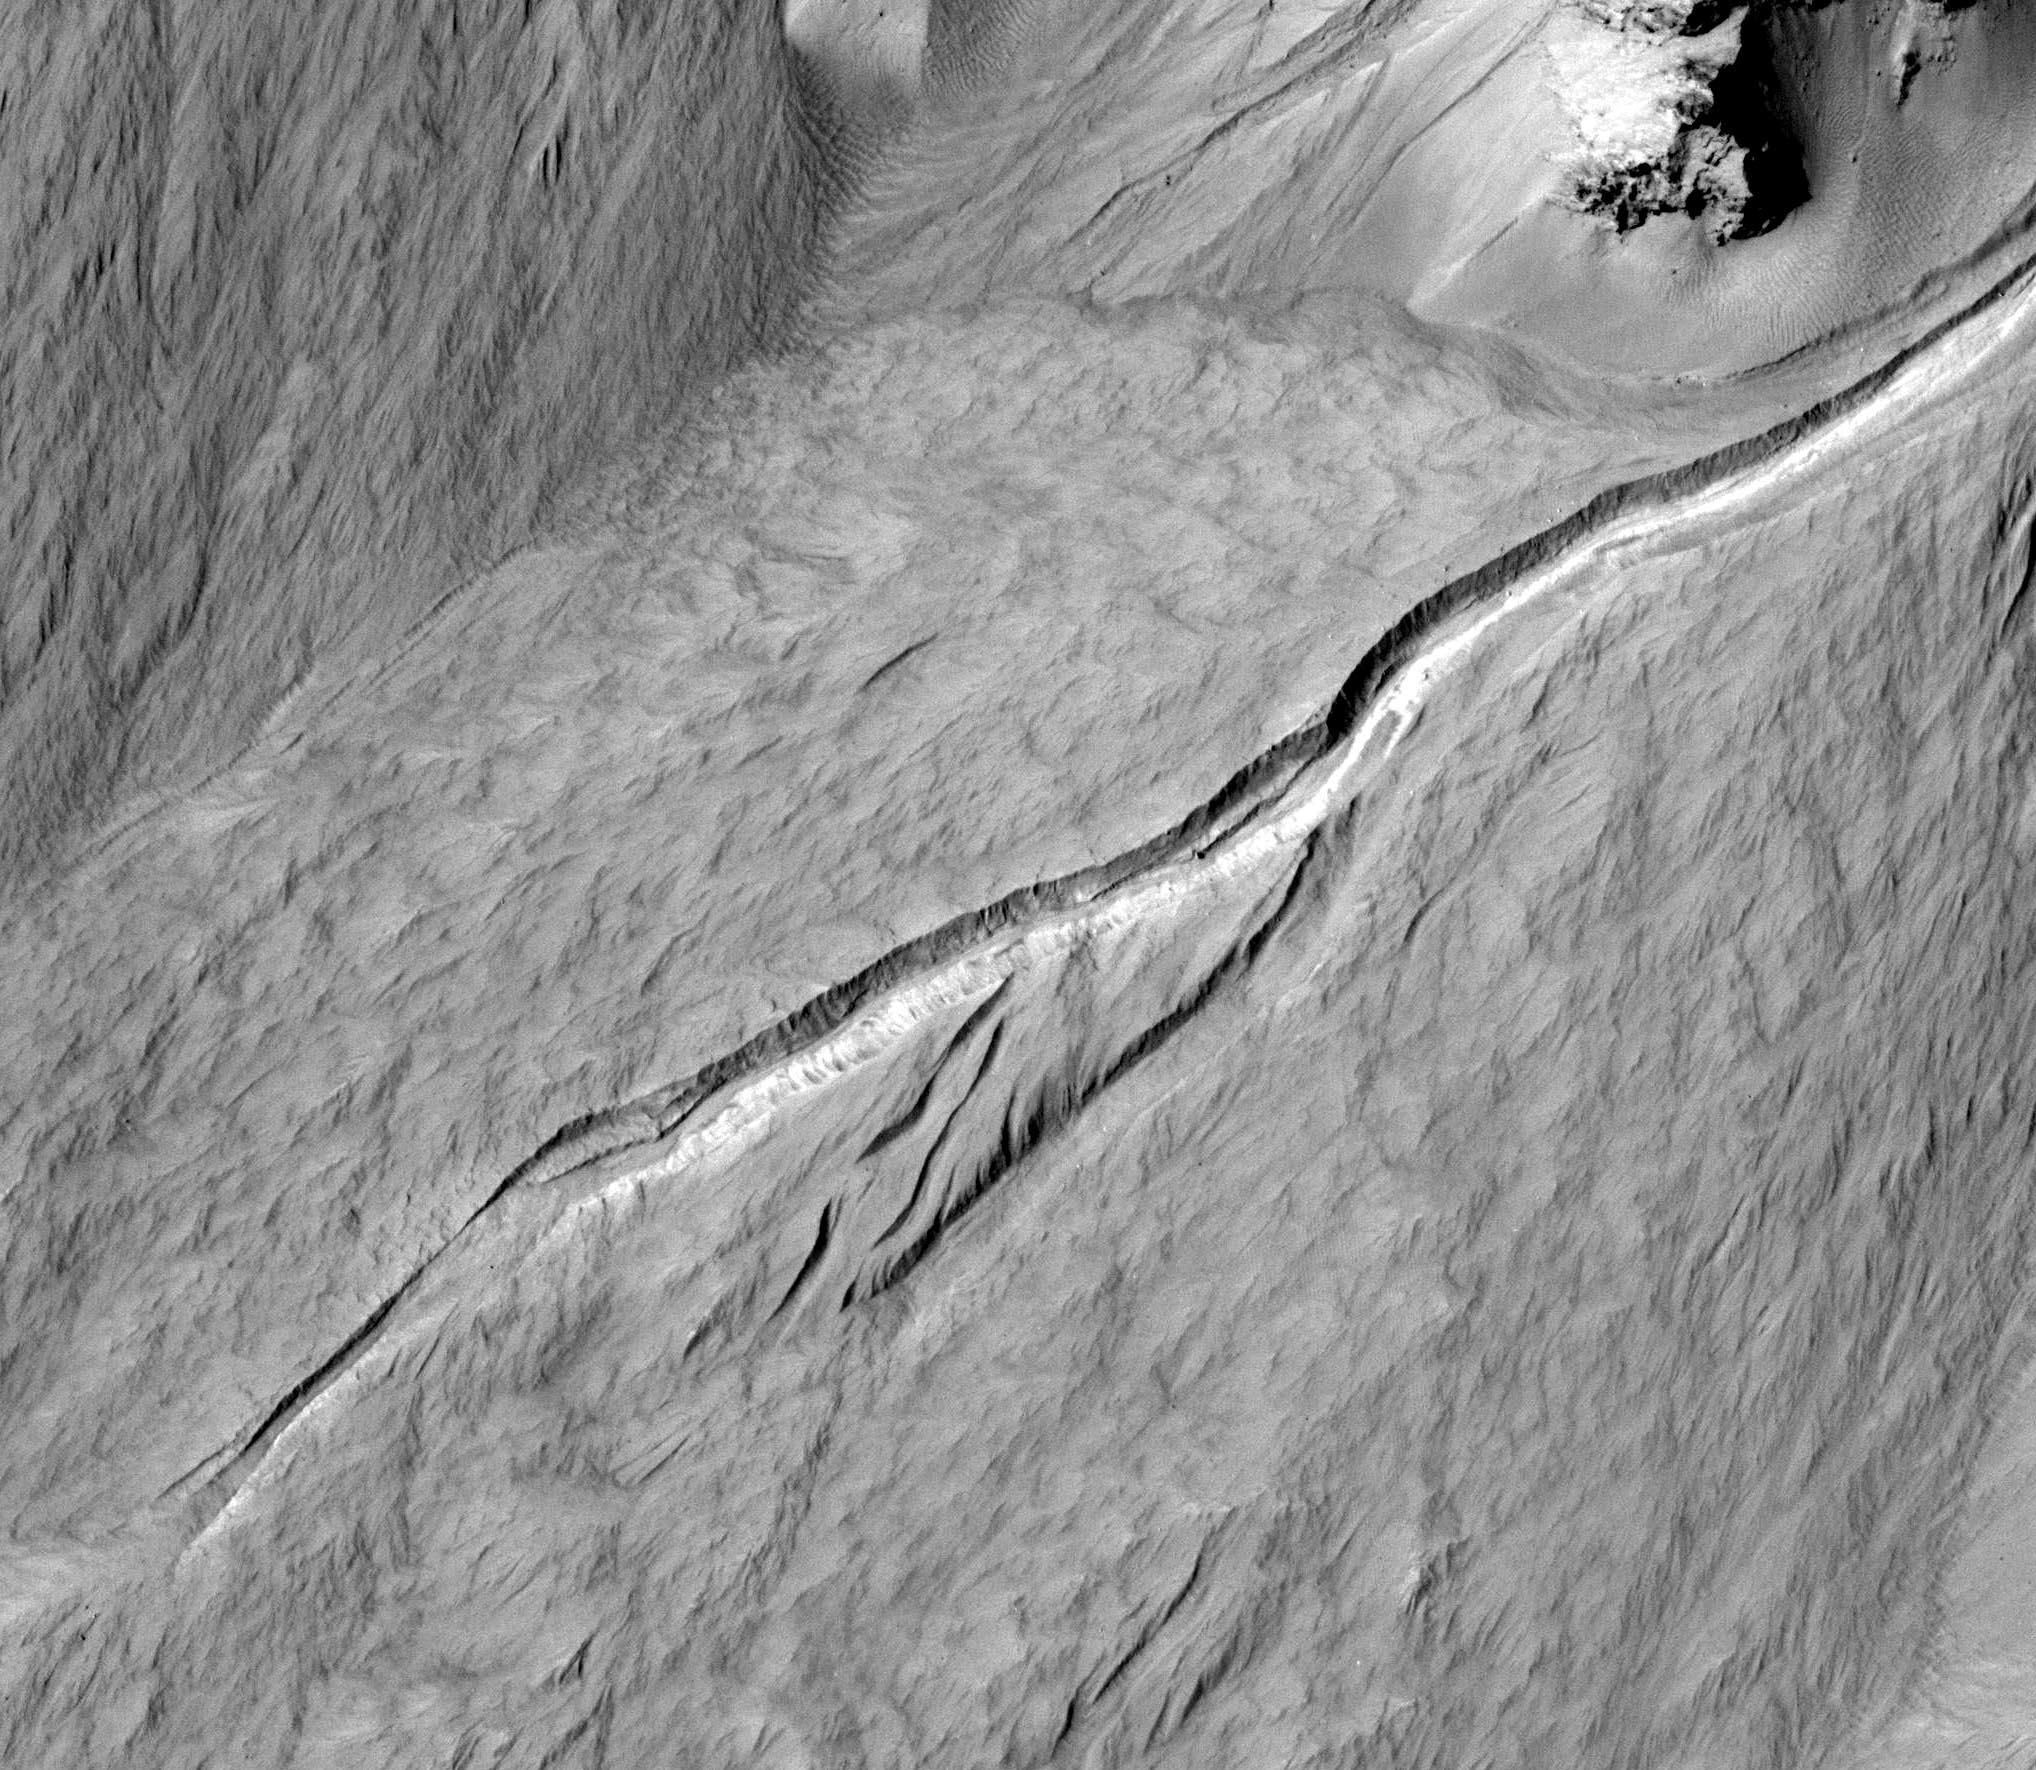 Светлые отложения на Марсе: следы потоков воды?